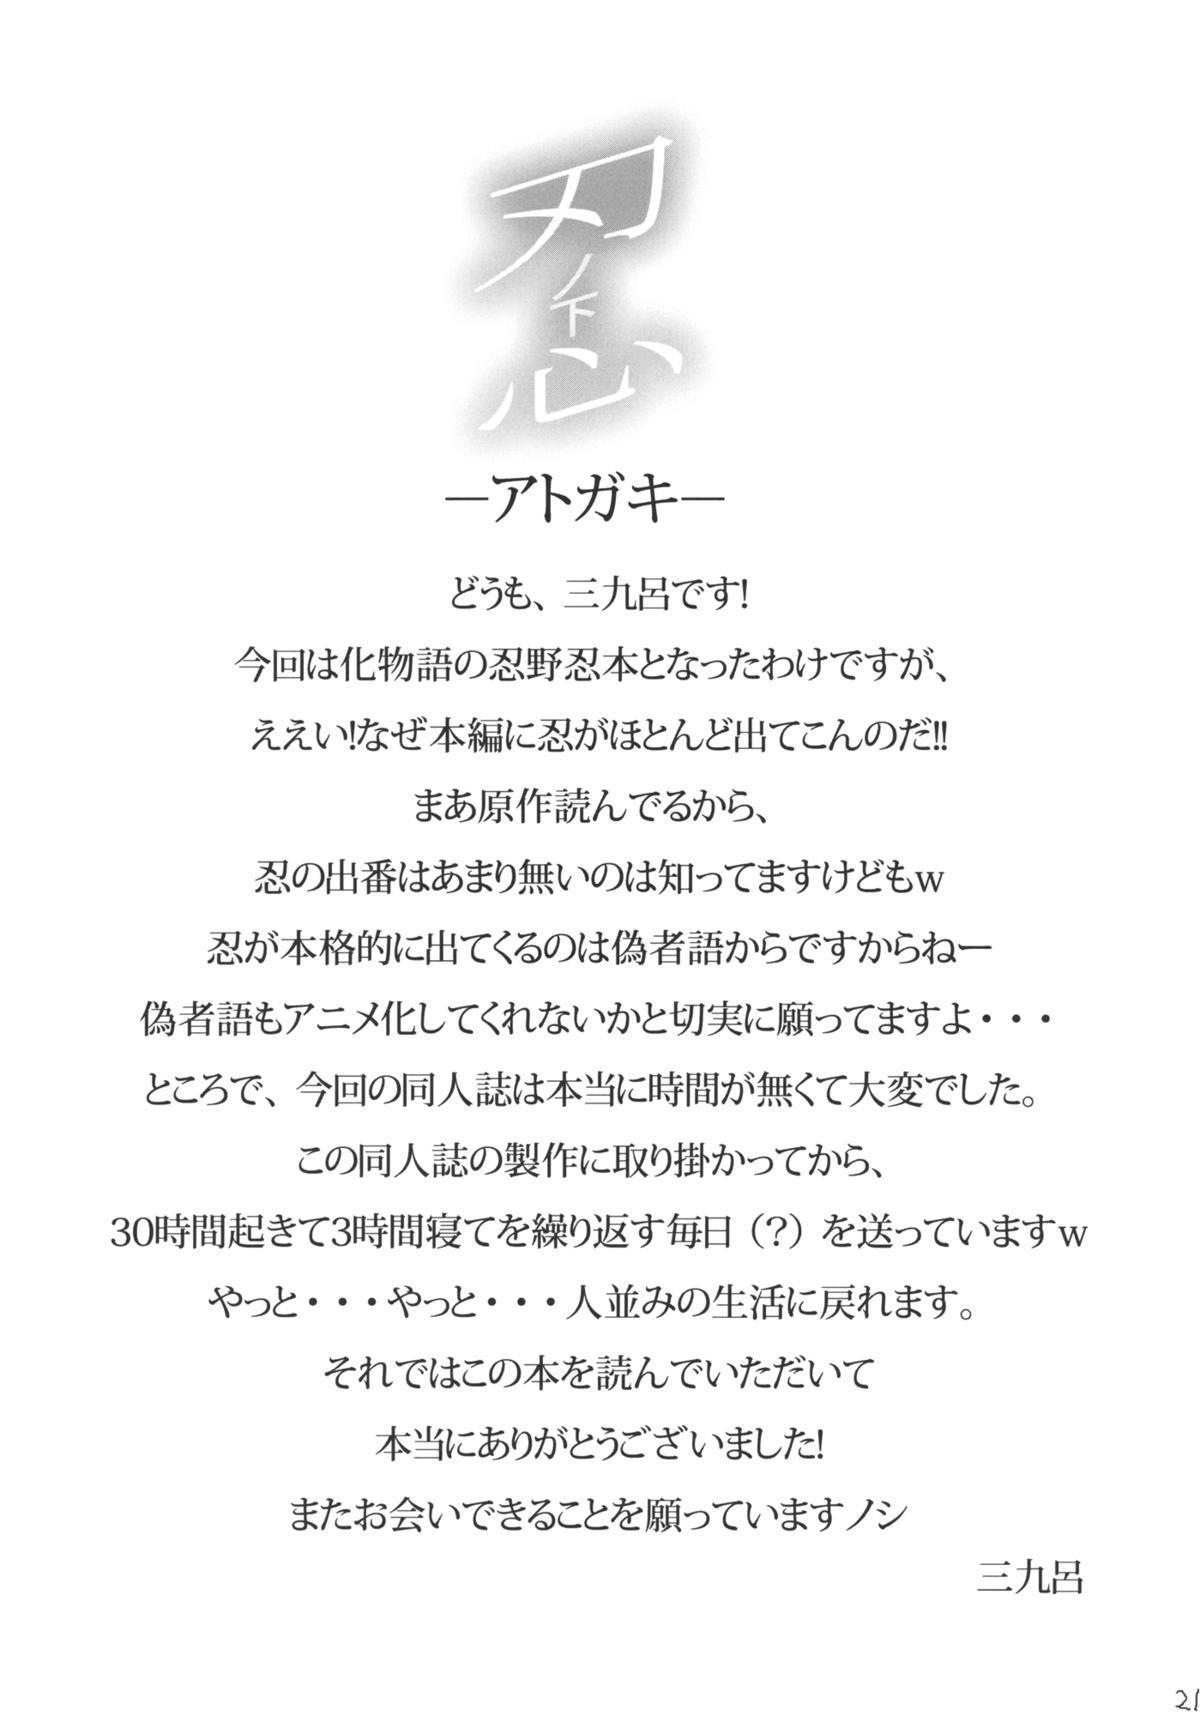 Yaiba no Shitagokoro 20